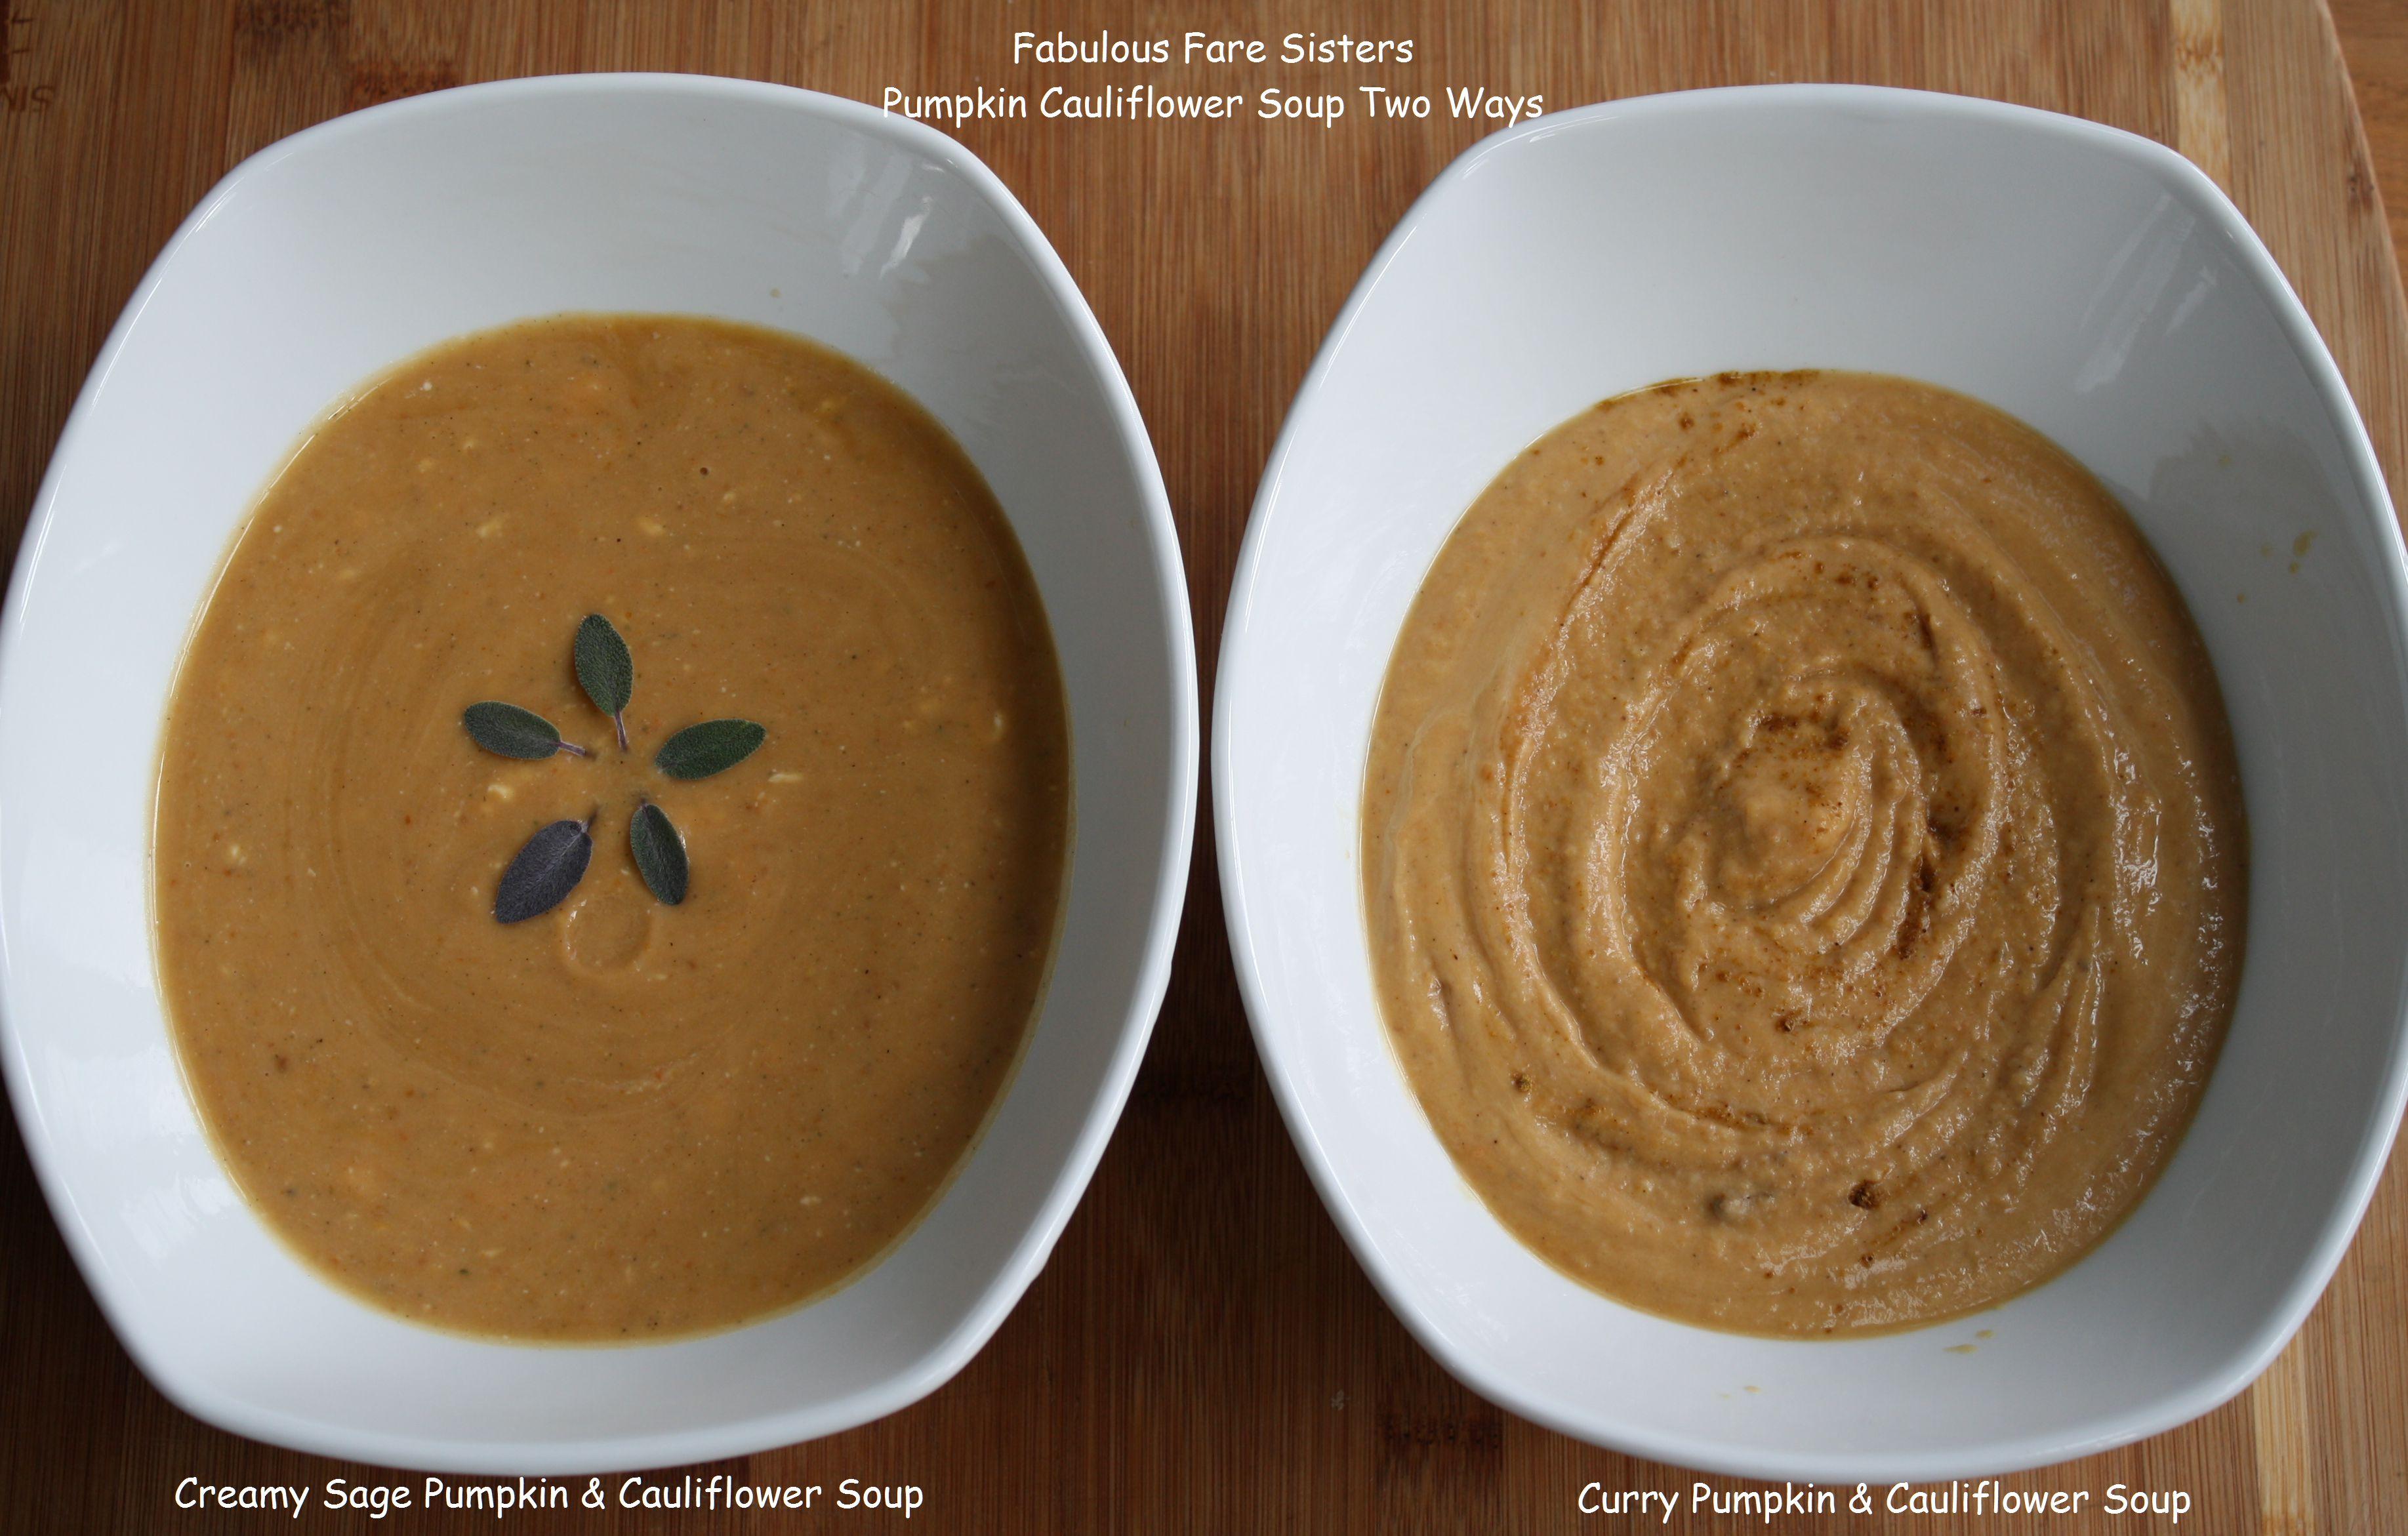 Pumkin & Cauliflower Soups